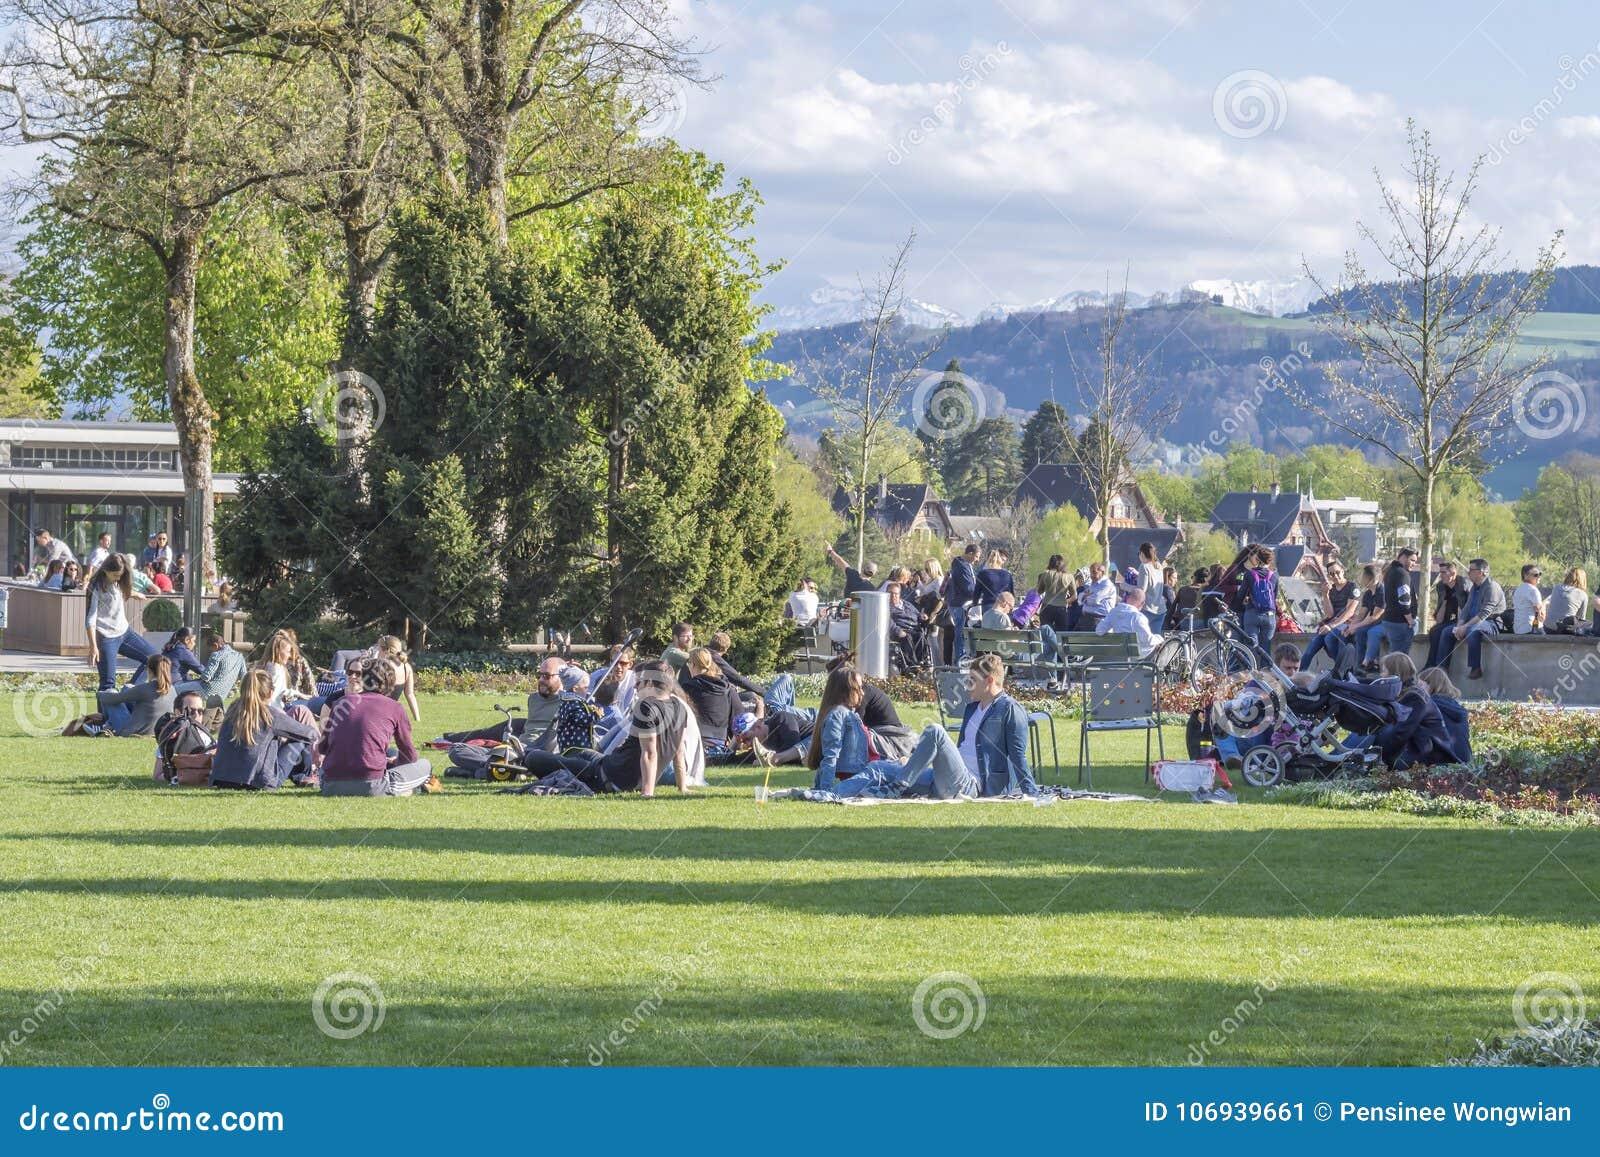 Park Als Tuin : De mensen die in rosengarten ontspannen de roze tuin zijn een